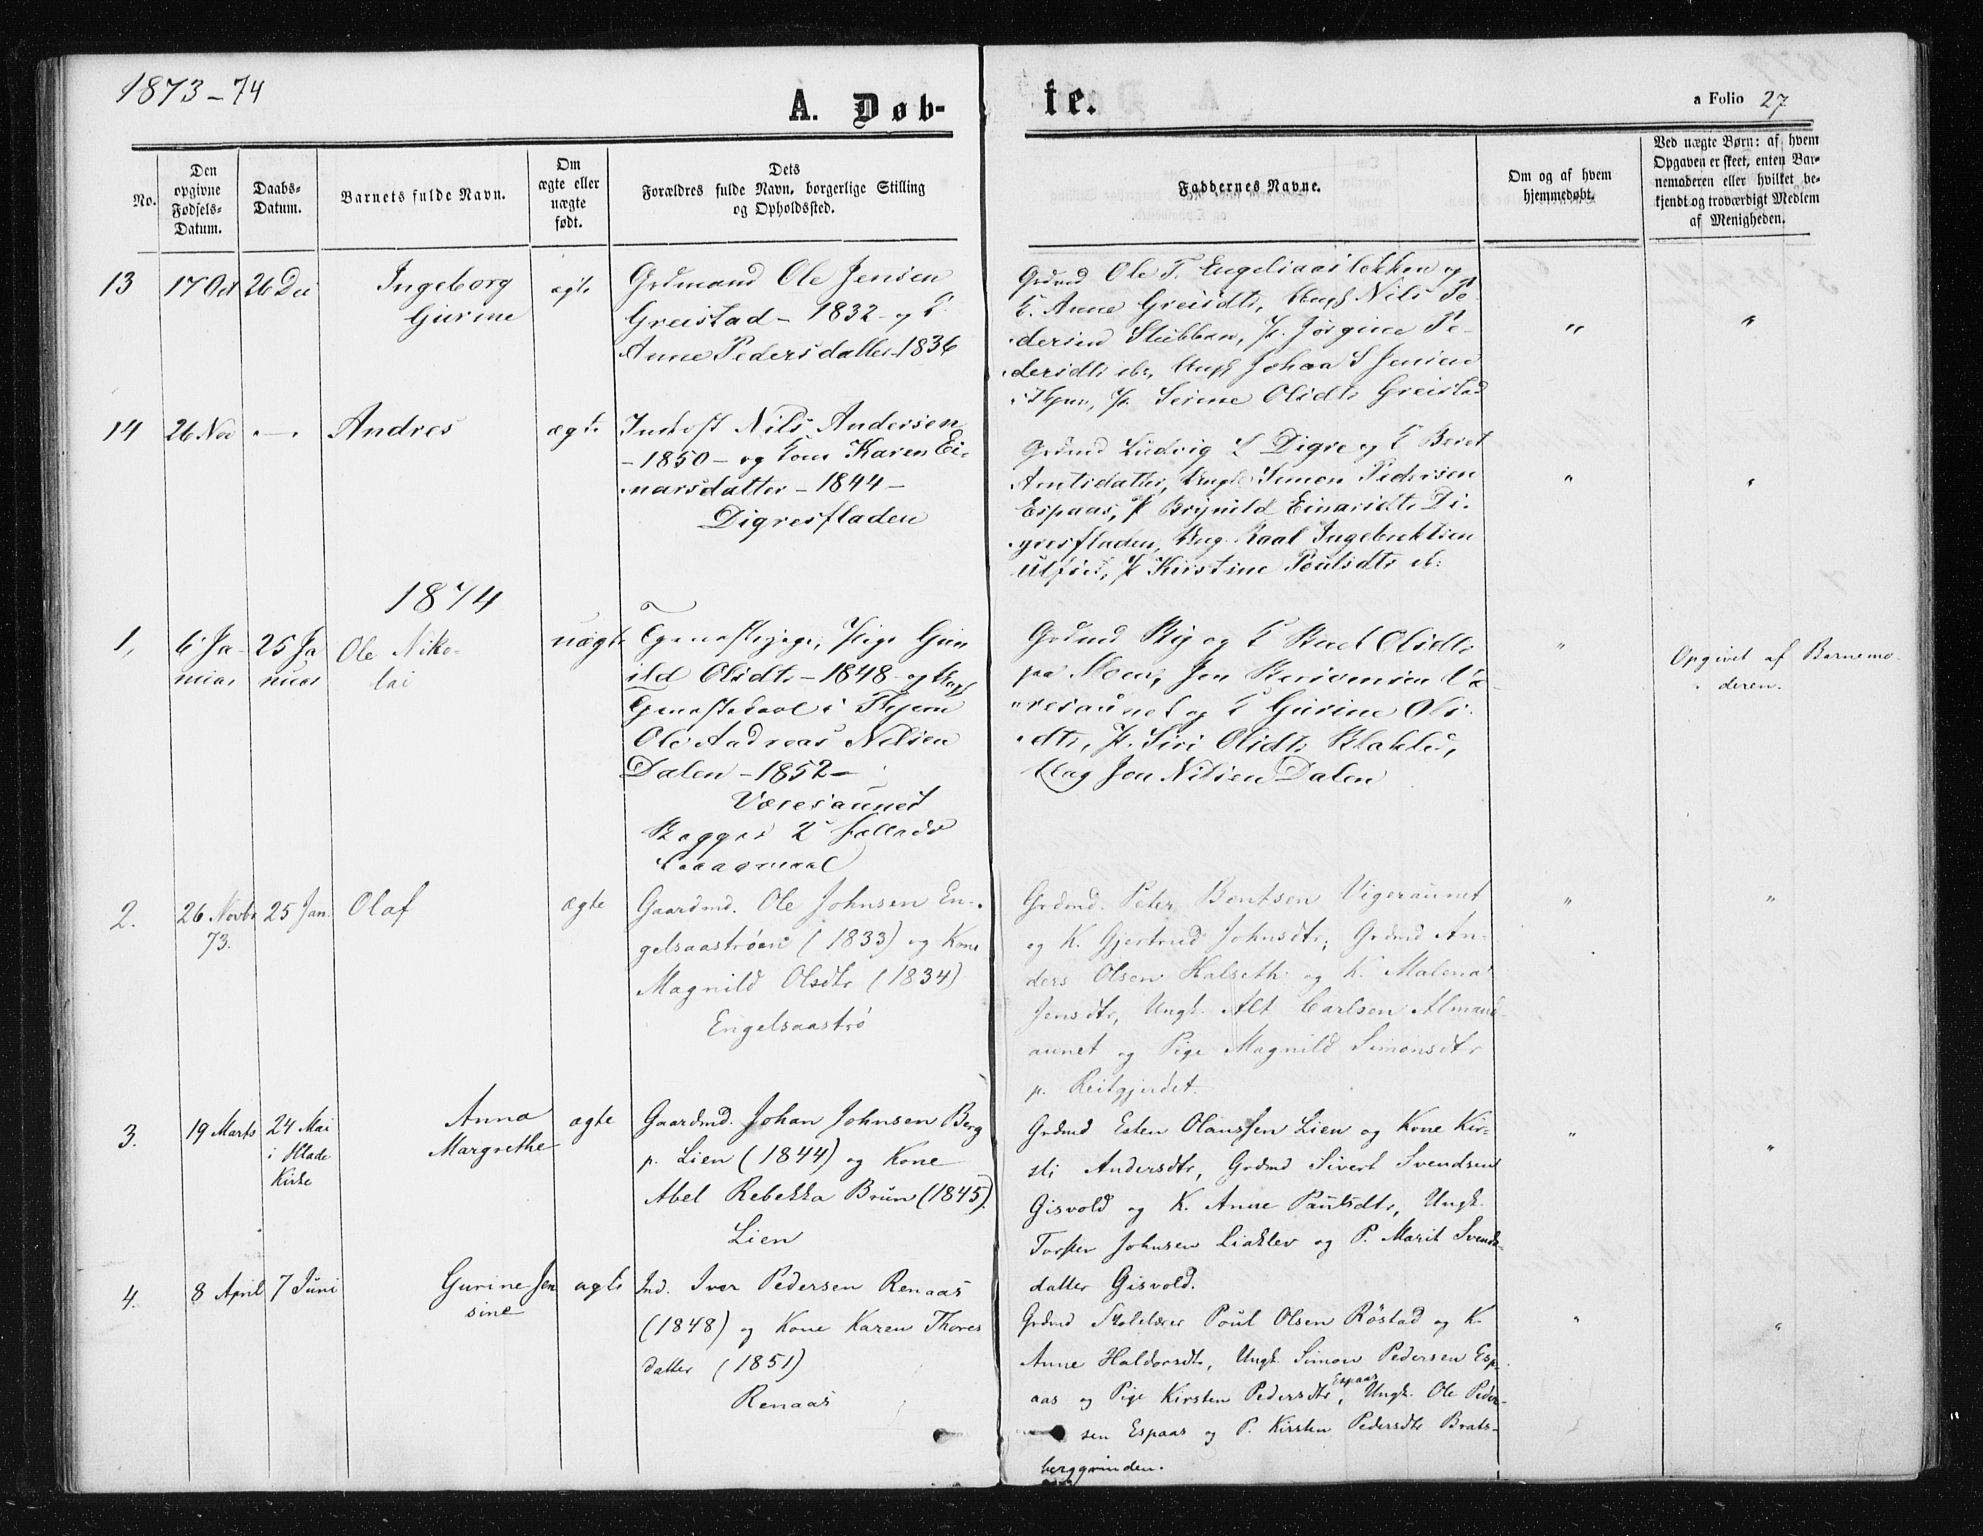 SAT, Ministerialprotokoller, klokkerbøker og fødselsregistre - Sør-Trøndelag, 608/L0333: Ministerialbok nr. 608A02, 1862-1876, s. 27